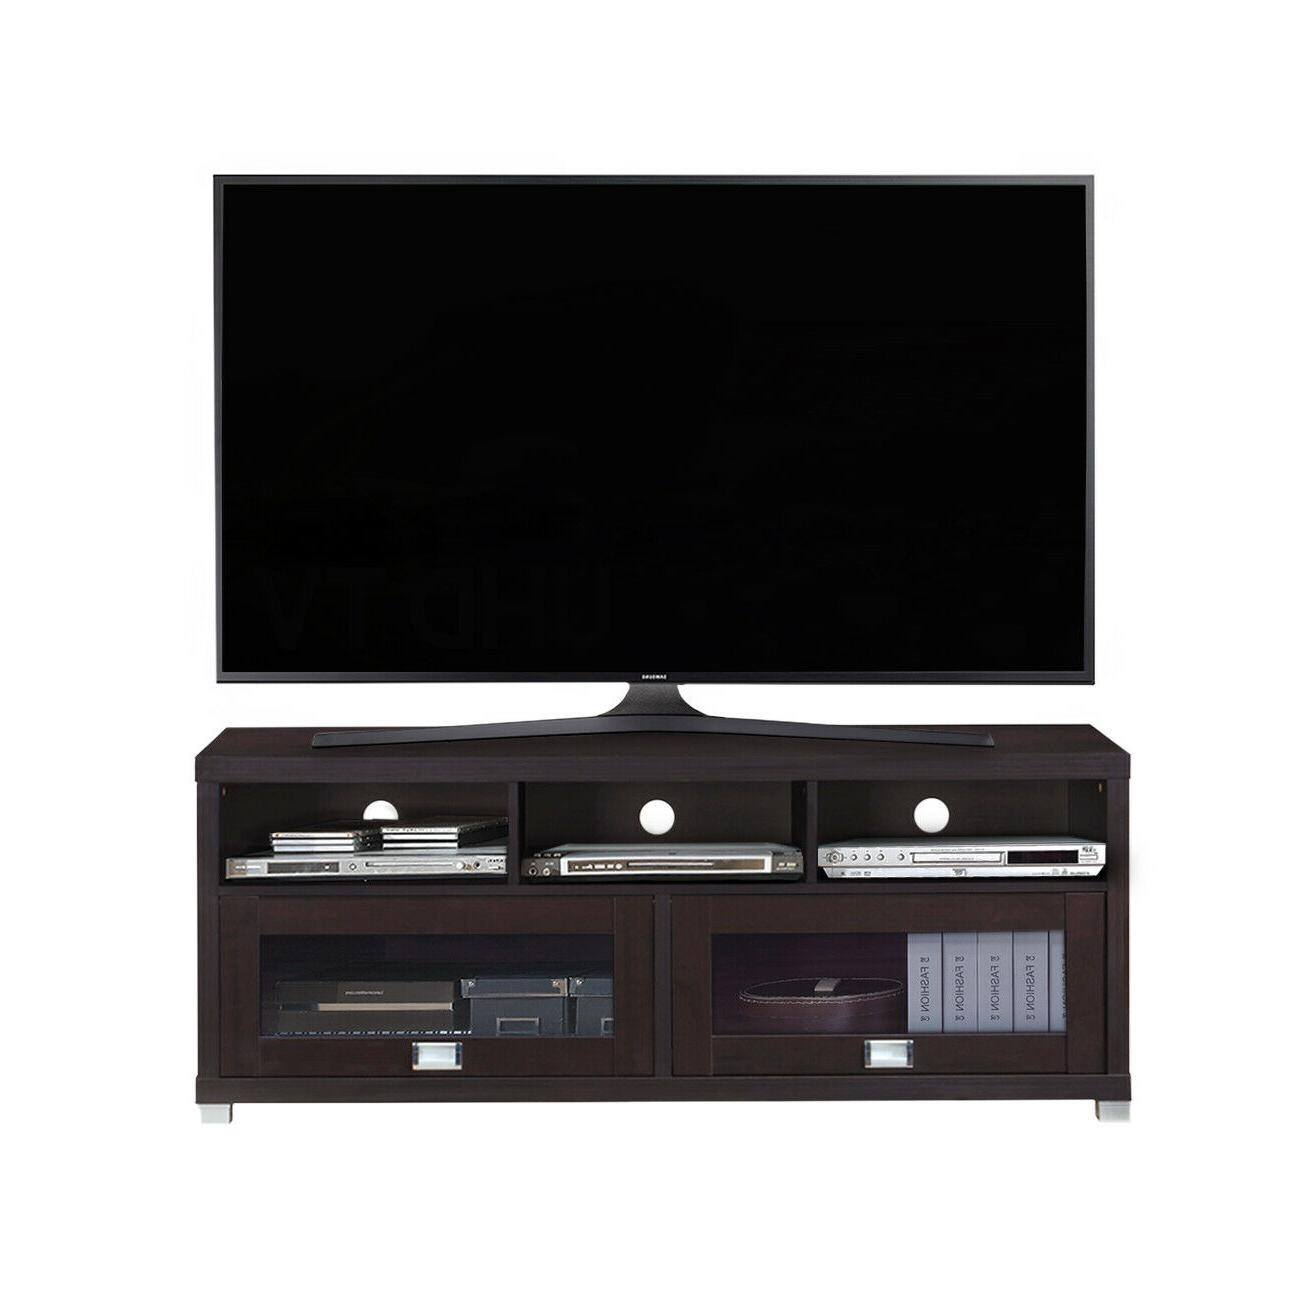 75 TV STAND Center Cabinet Screen Media Cabinets Espresso